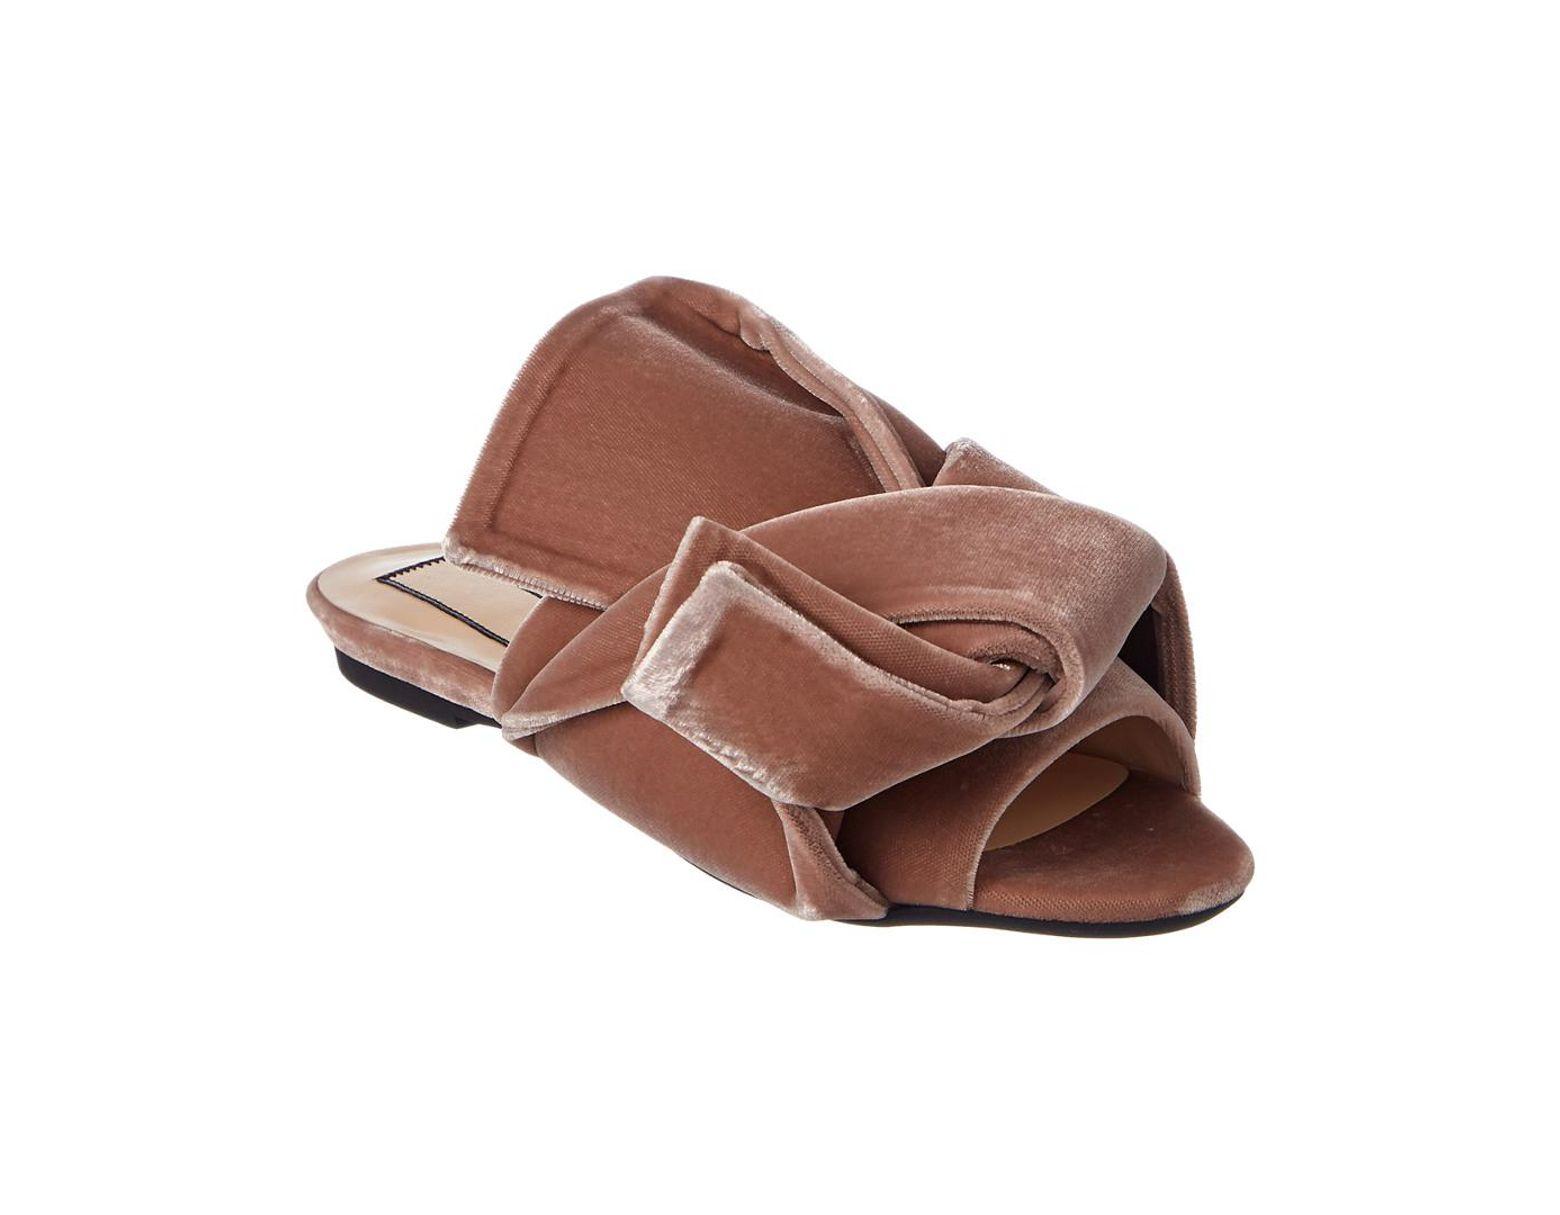 b0f5c3a6563 Women's Pink N?21 Velvet Flat Bow Mule